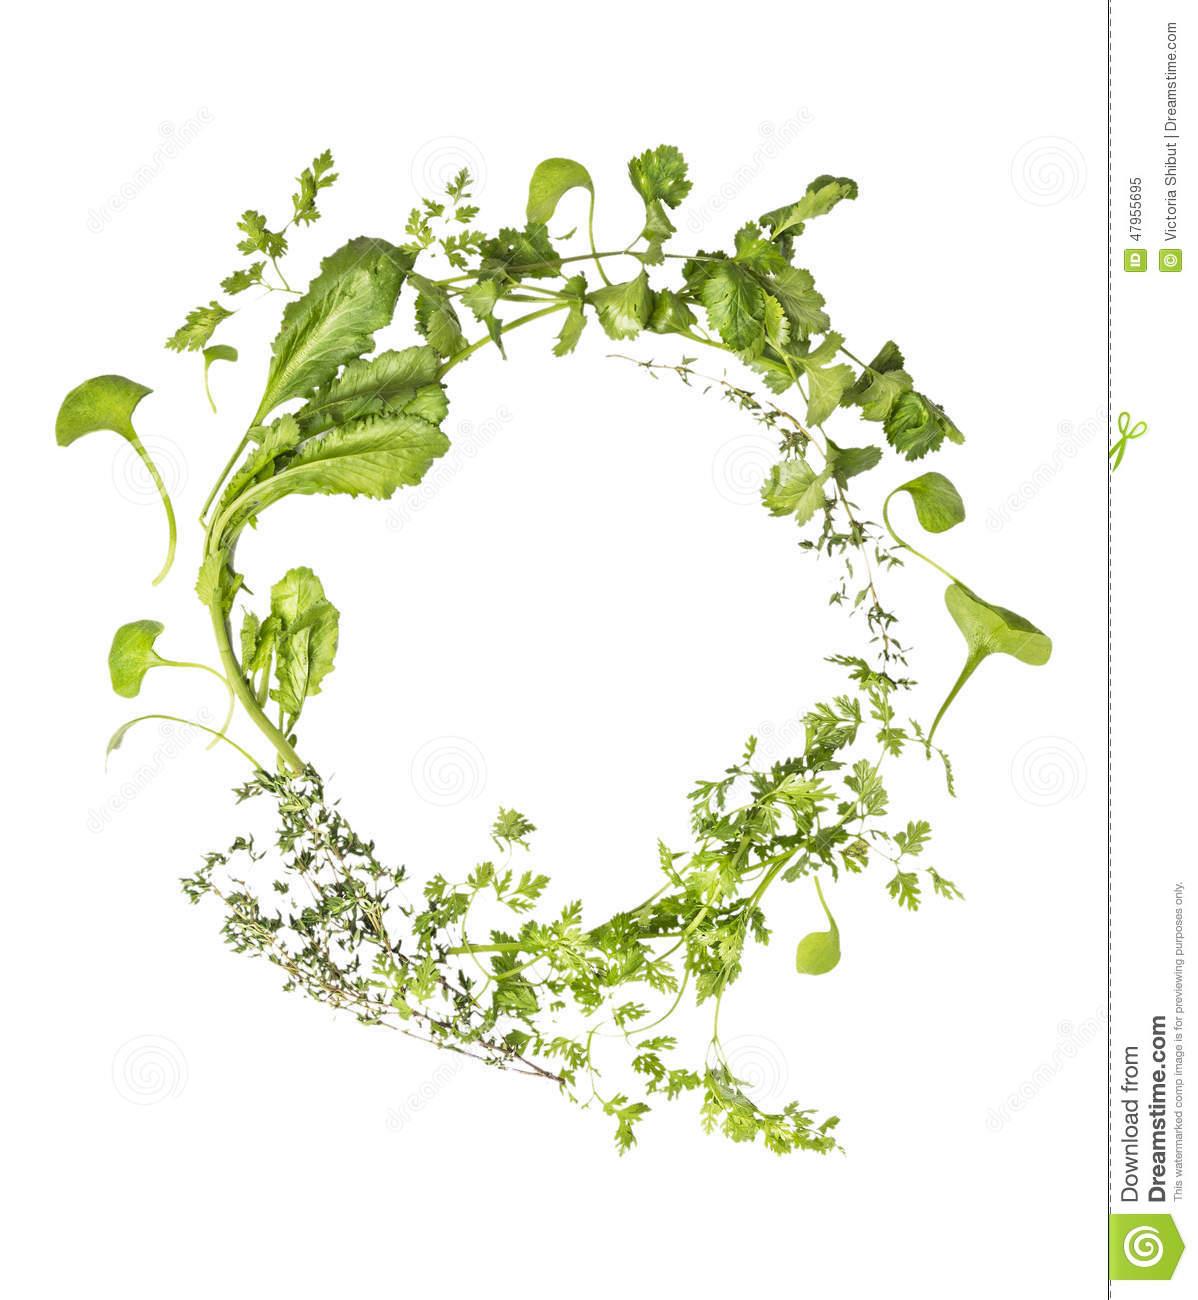 Herb wreath clipart.